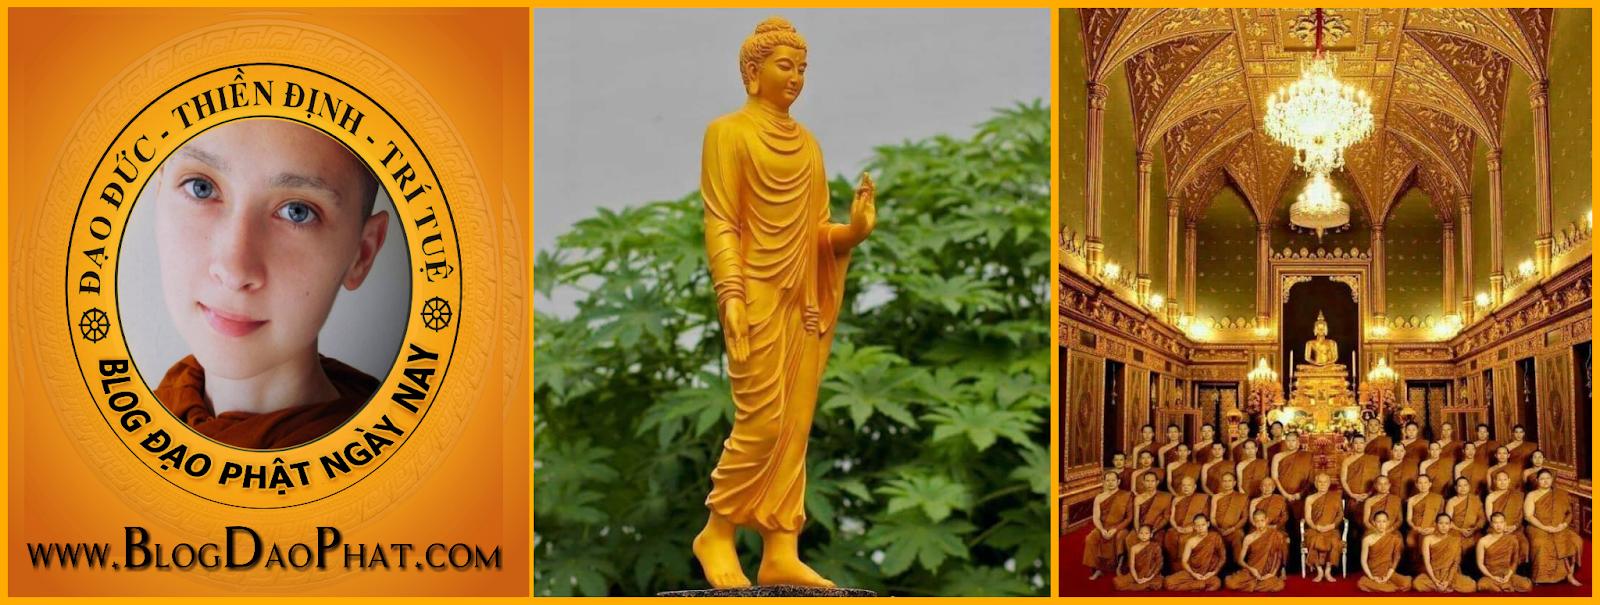 Bốn Chân Lý làm nền tảng giáo lý của Phật giáo là gì?  Tứ Điệu Đế